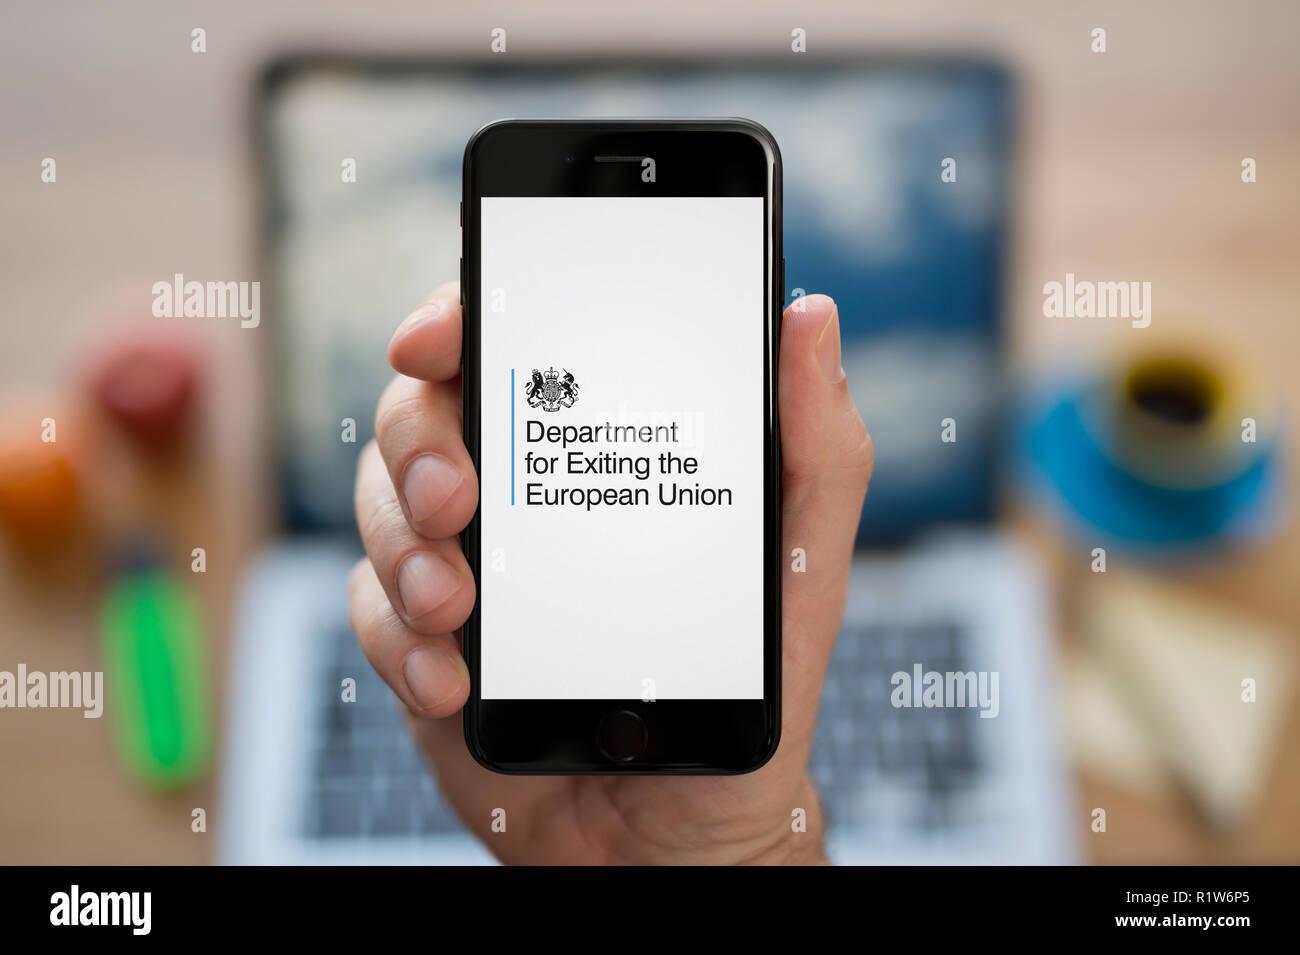 Ein Mann schaut auf seinem iPhone die Abteilung zeigt für das Verlassen der Europäischen Union logo, während saß an seinem Computer Schreibtisch (nur redaktionelle Nutzung). Stockbild